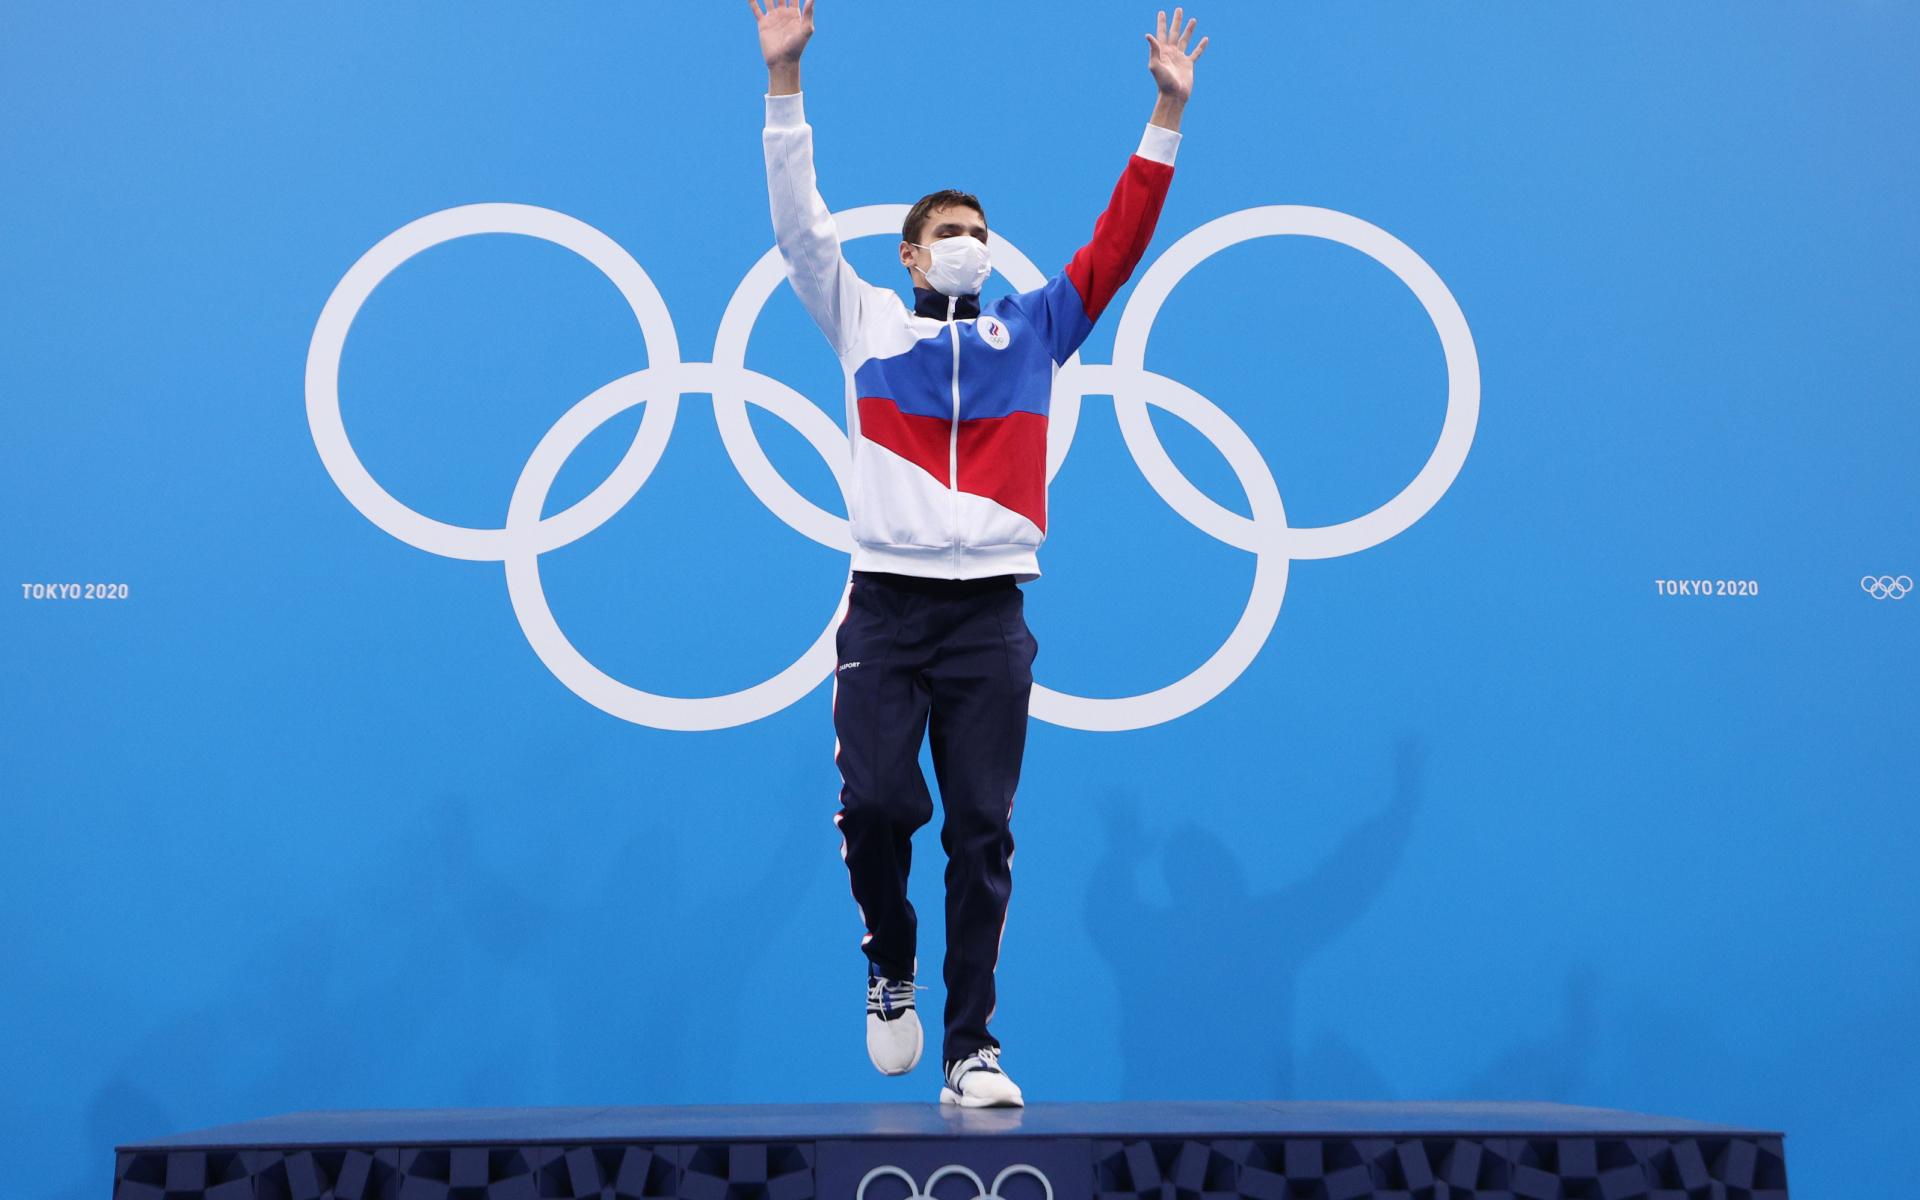 Фото: Пловец Евгений Рылов (Getty Images)